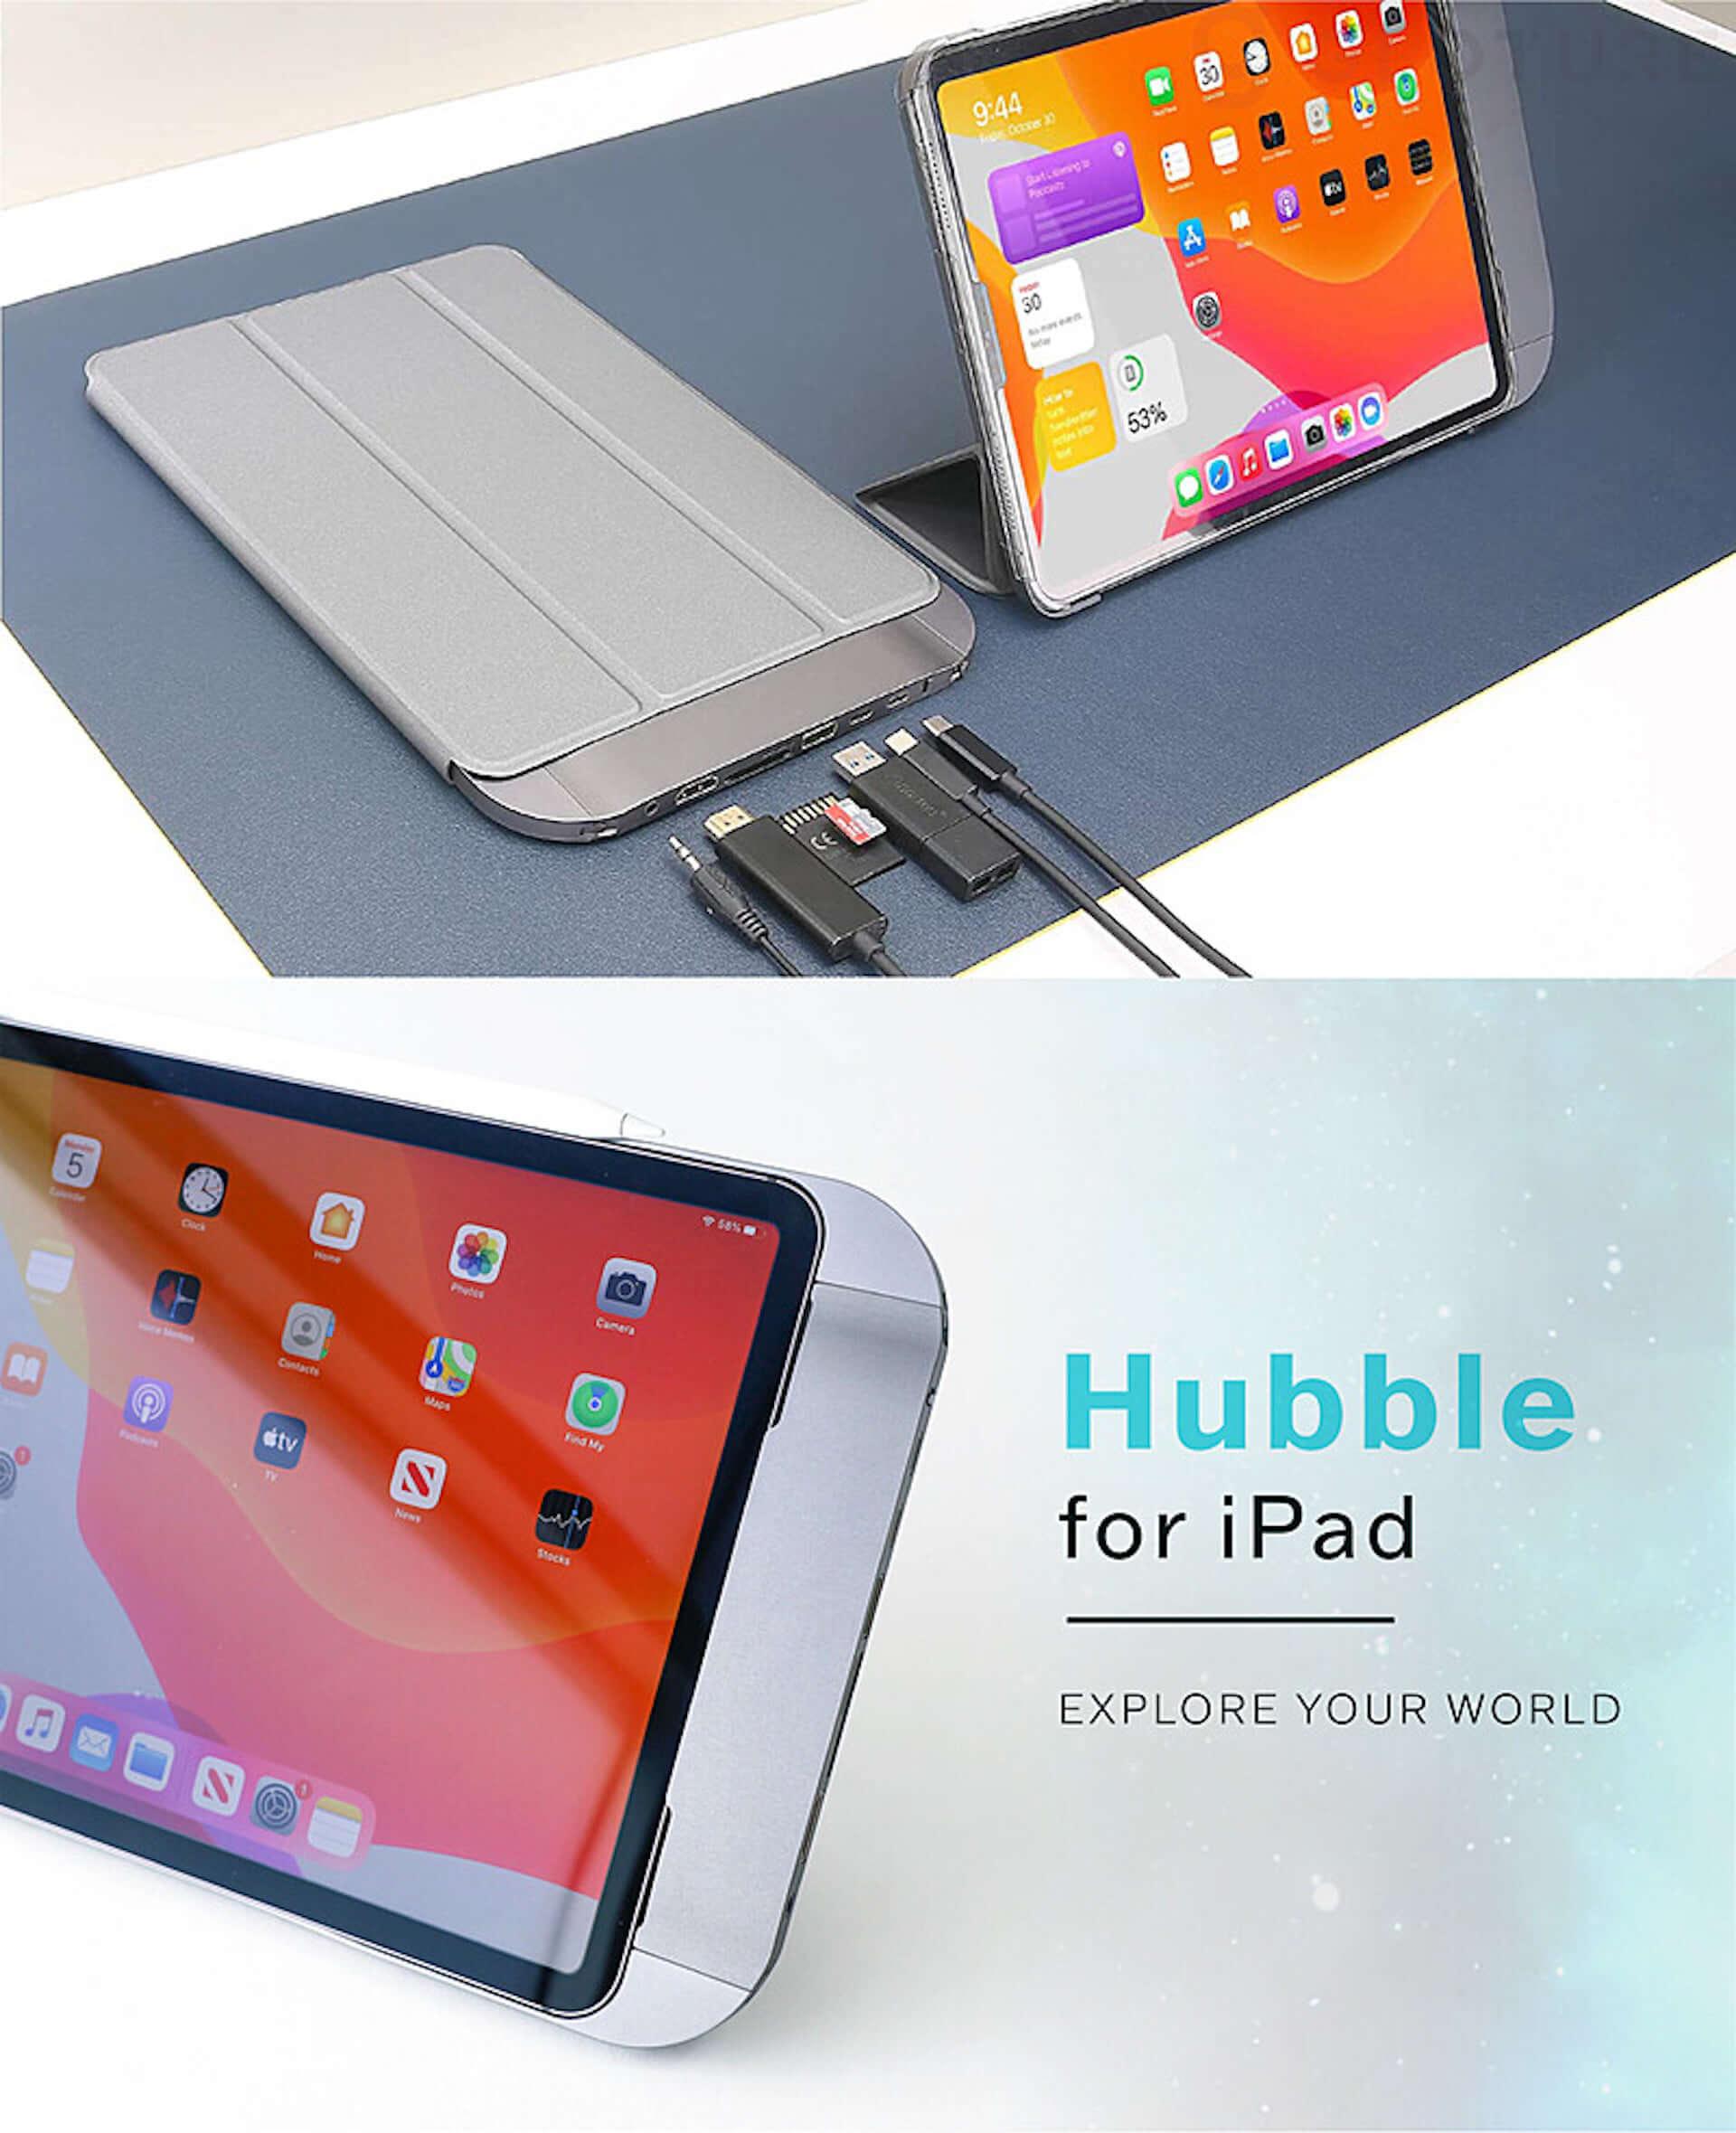 iPad Proの機能を強化できるハイエンドケース『FLEDGING HUBBLE』がGLOTURE.JPに登場!HDMIなど6つの拡張ポートを搭載 tech210323_gloture_2-1920x2359